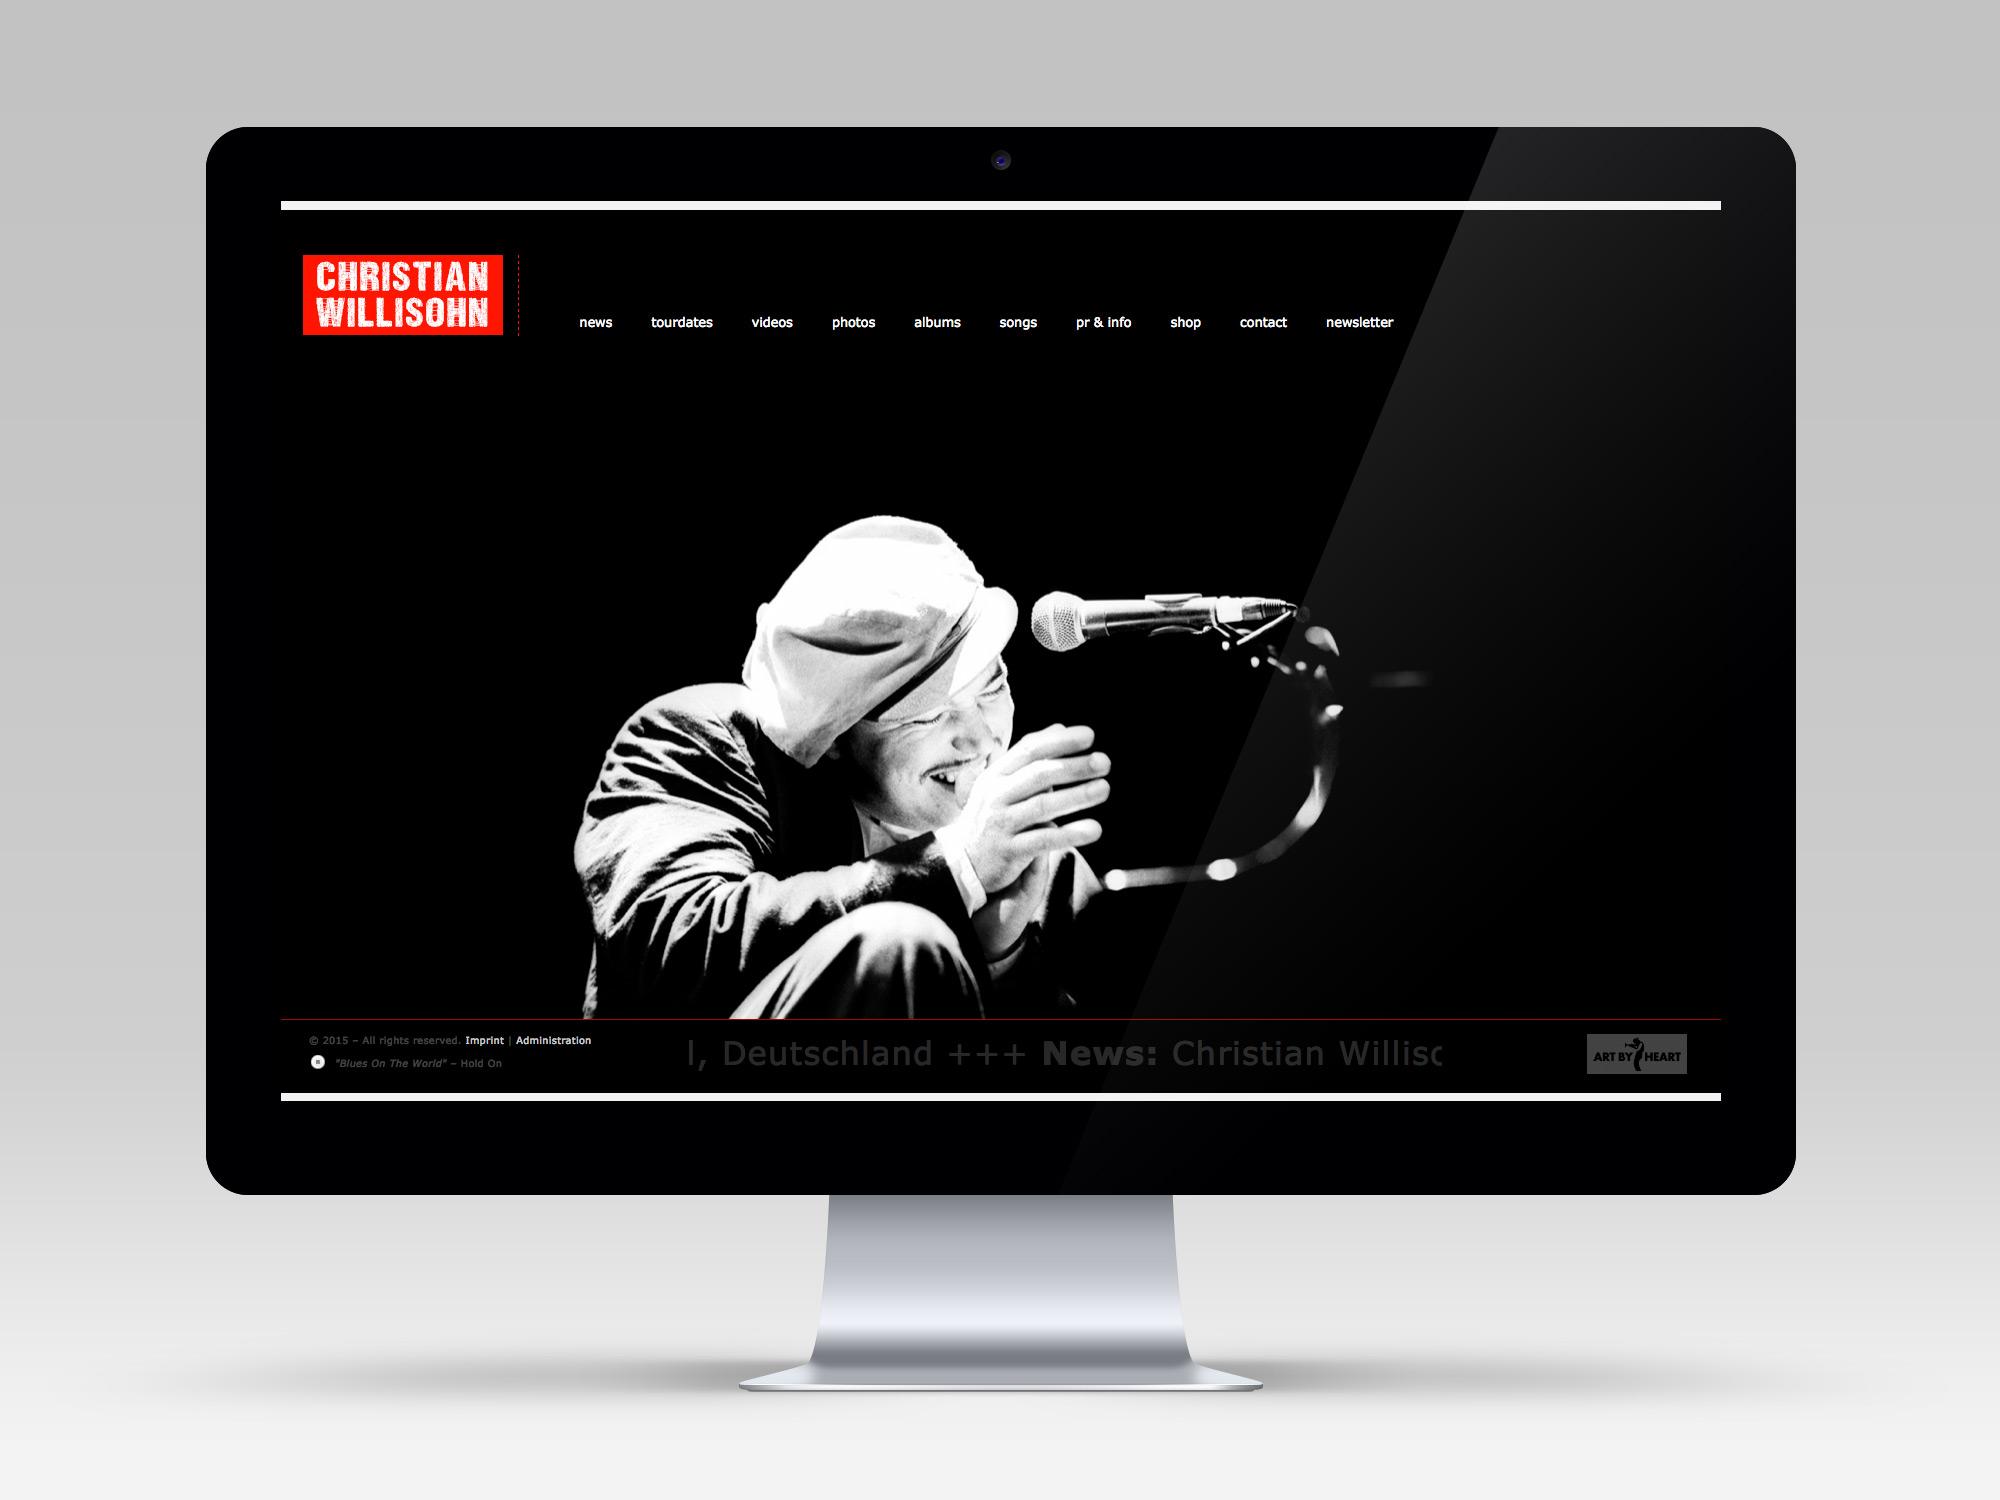 Website www.willisohn.com